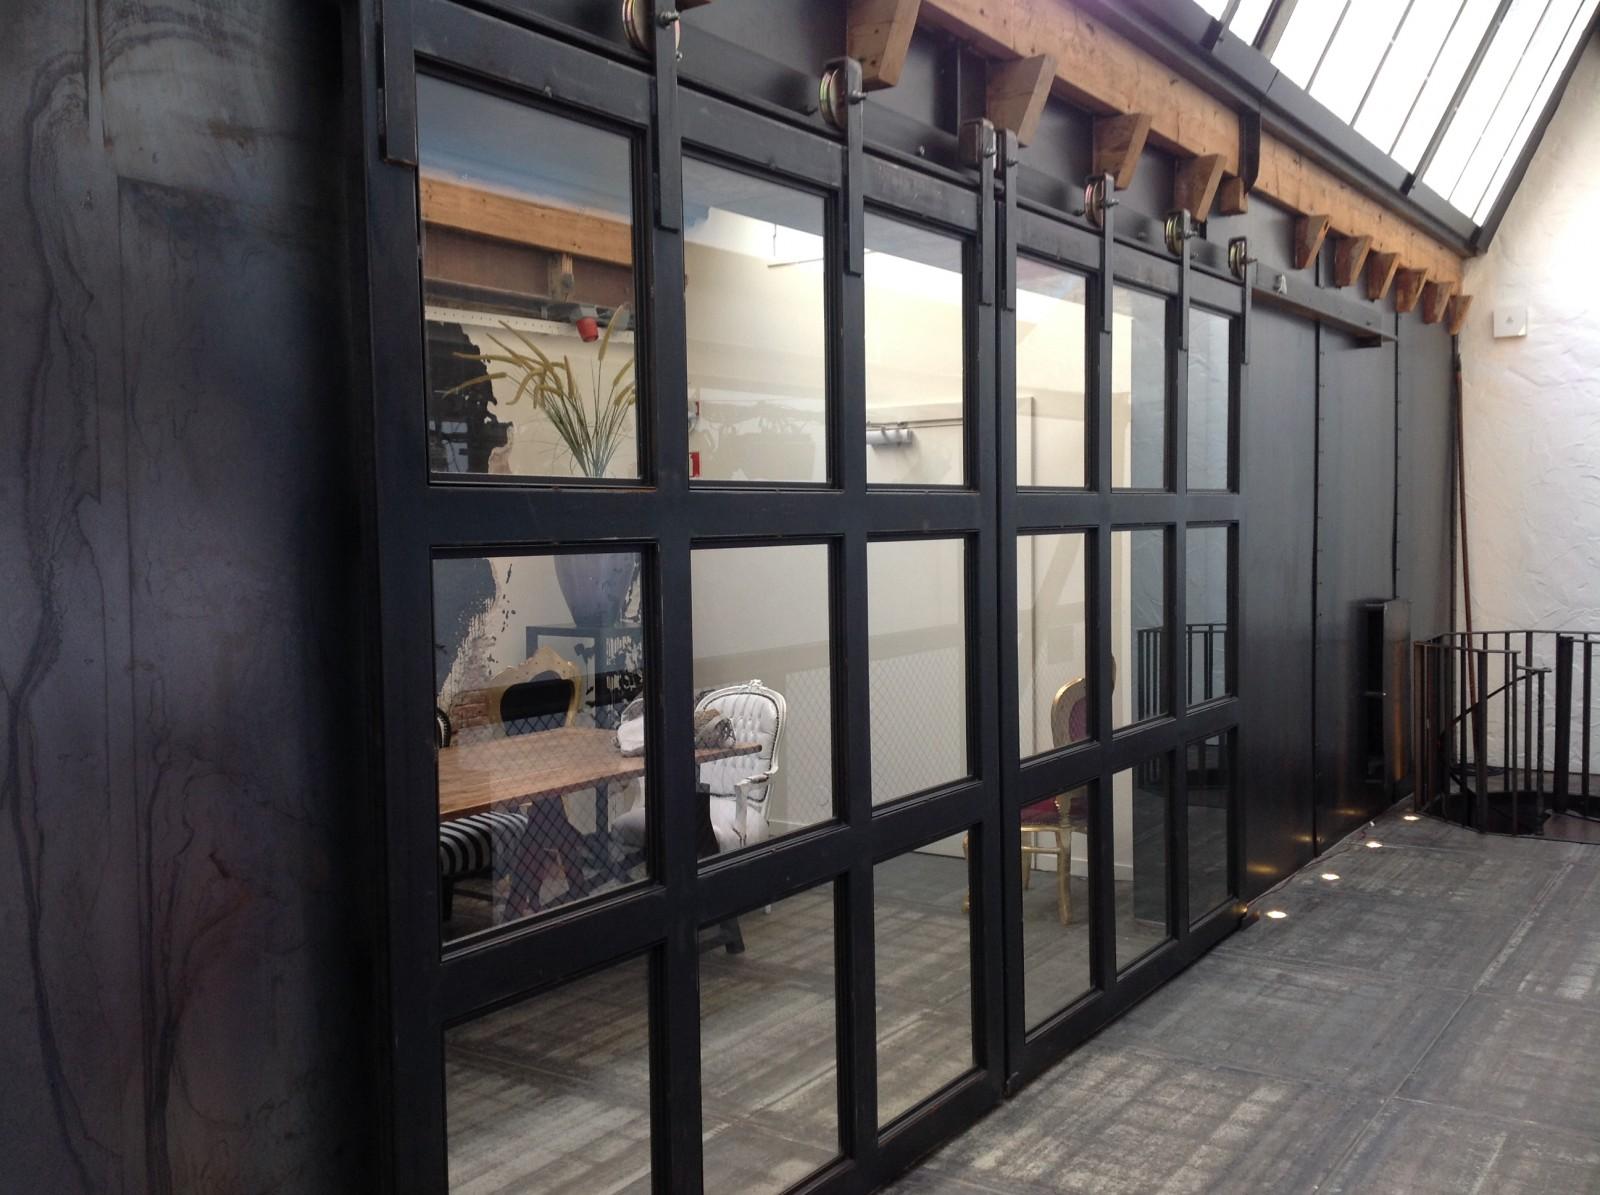 Stalen Deuren Tweedehands : Stalen deuren thuis en op kantoor